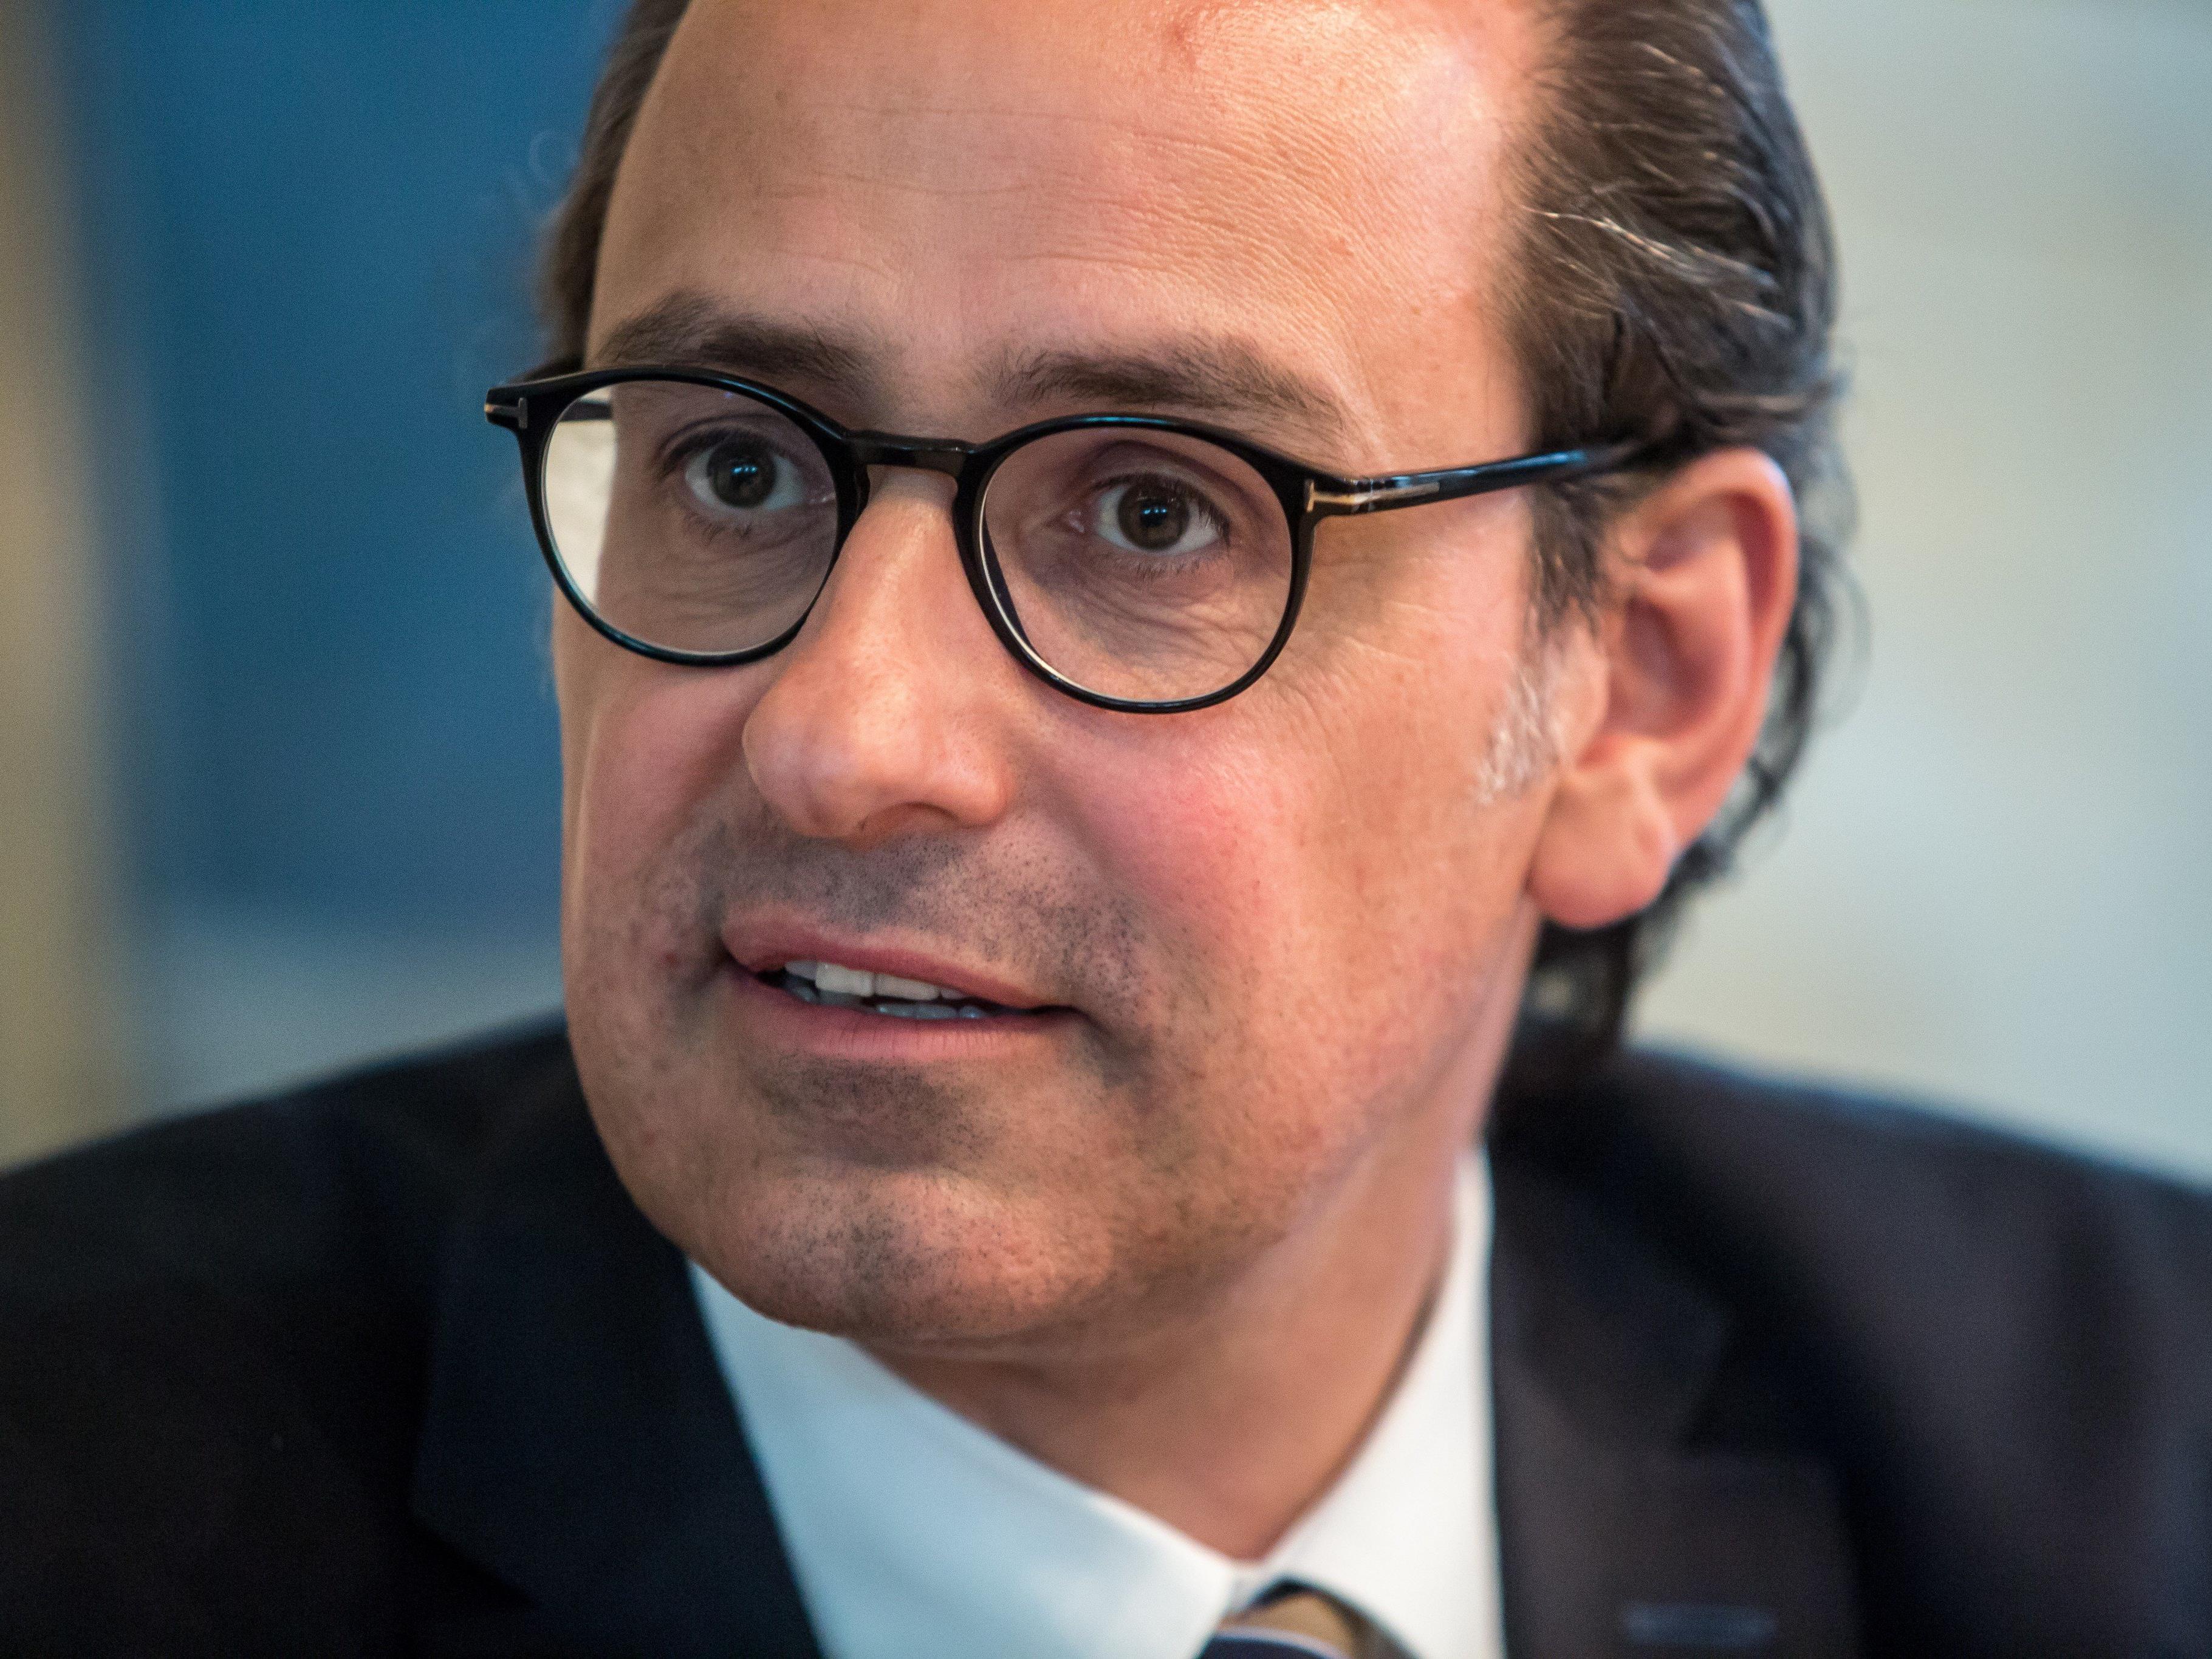 Michael Grahammer war seit dem Jahr 2004 im Vorstand der Hypo Vorarlberg, 2012 hatte er den Vorstandsvorsitz übernommen.